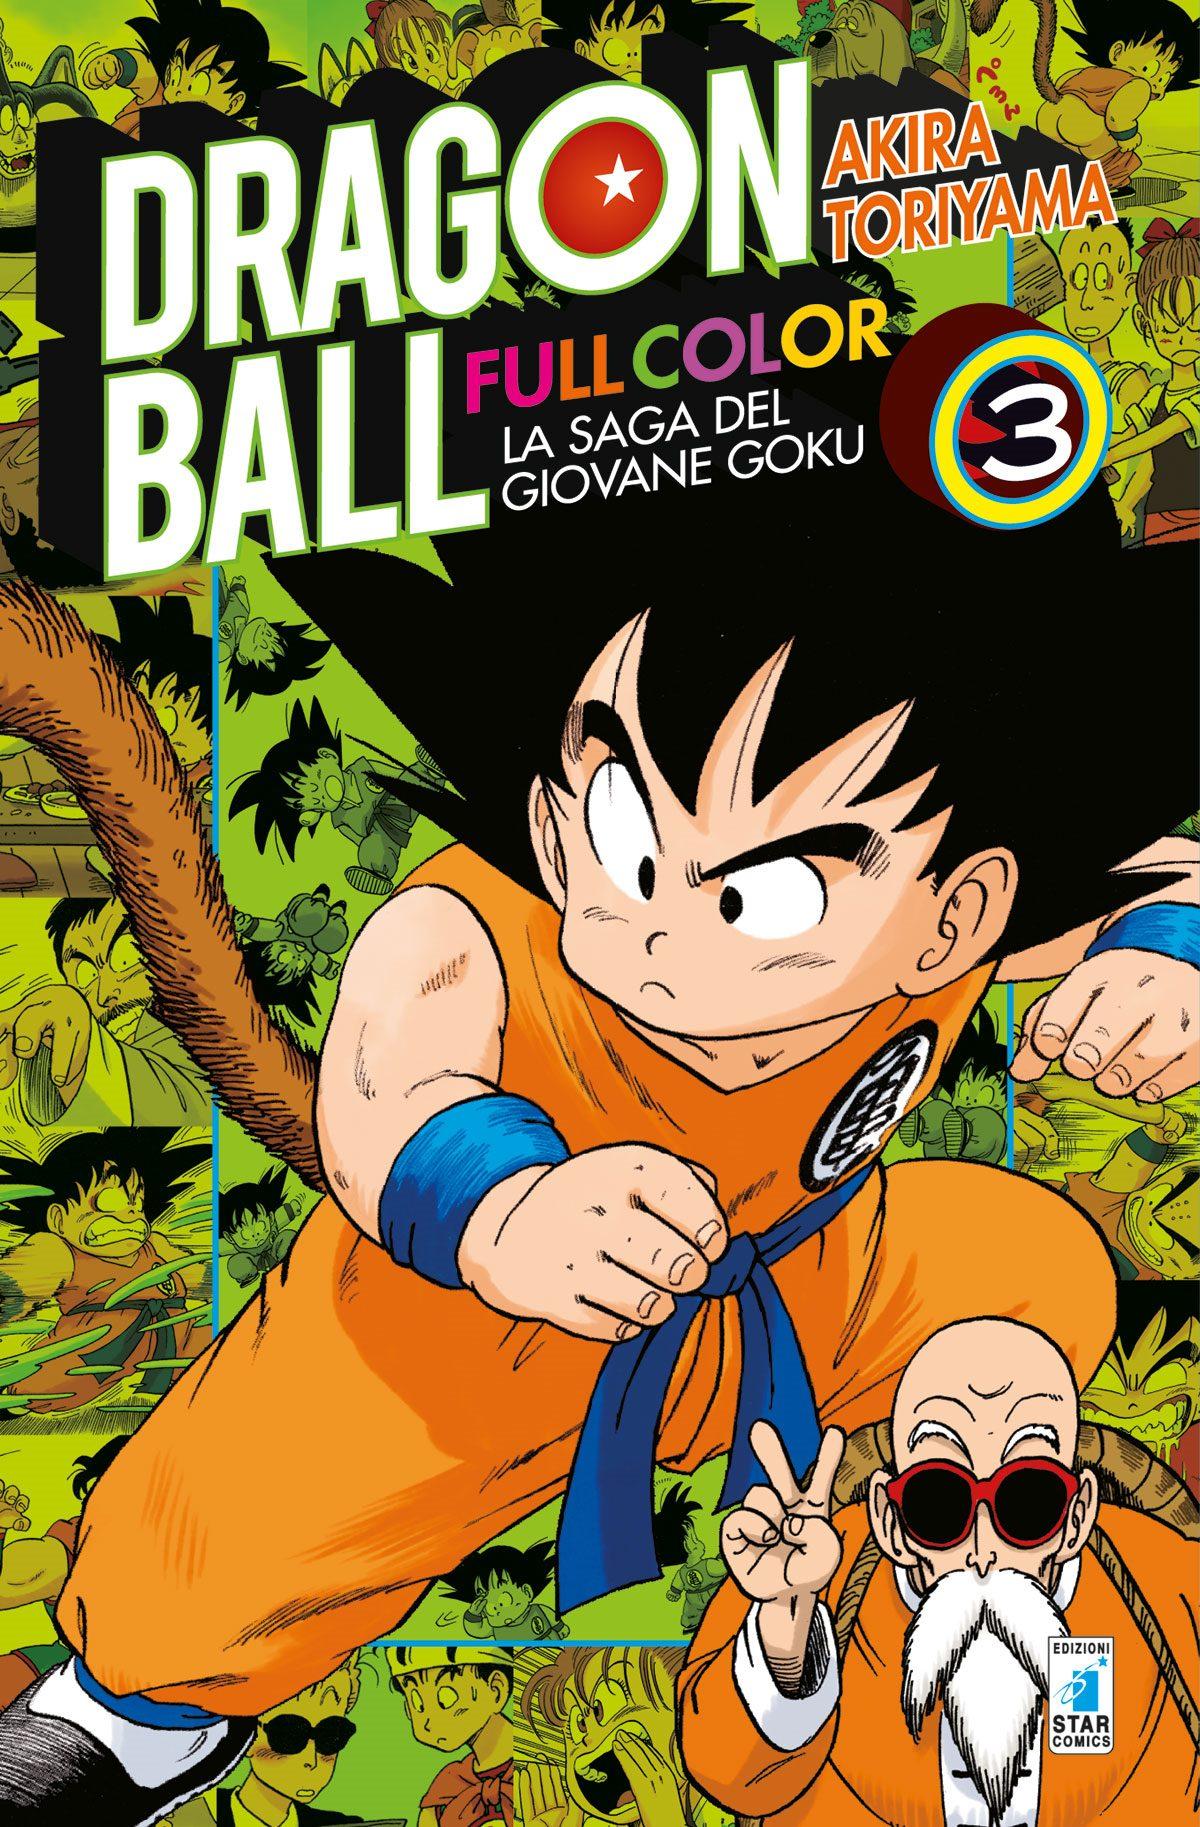 Fumetto Dragon Ball Full Color La Saga Del Giovane Goku Vol 3